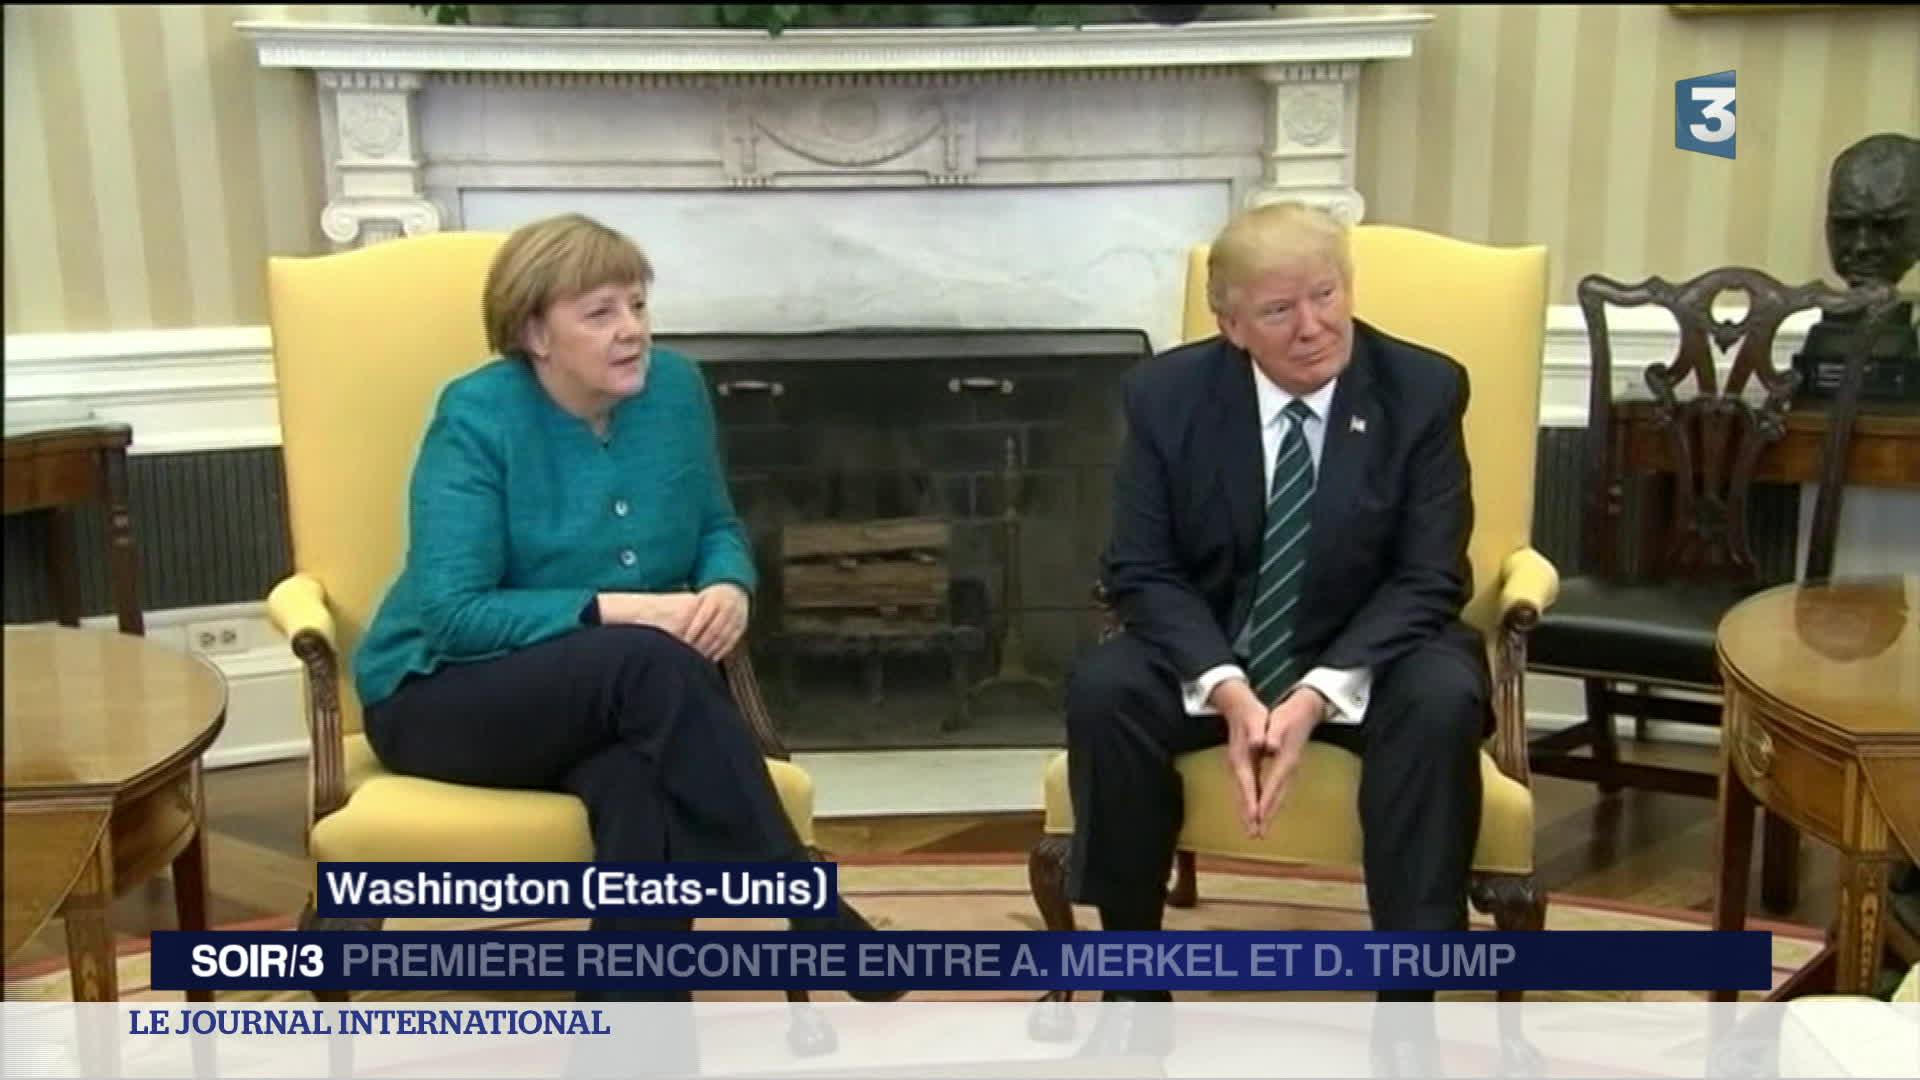 Etats-Unis : Merkel reçue à Washington